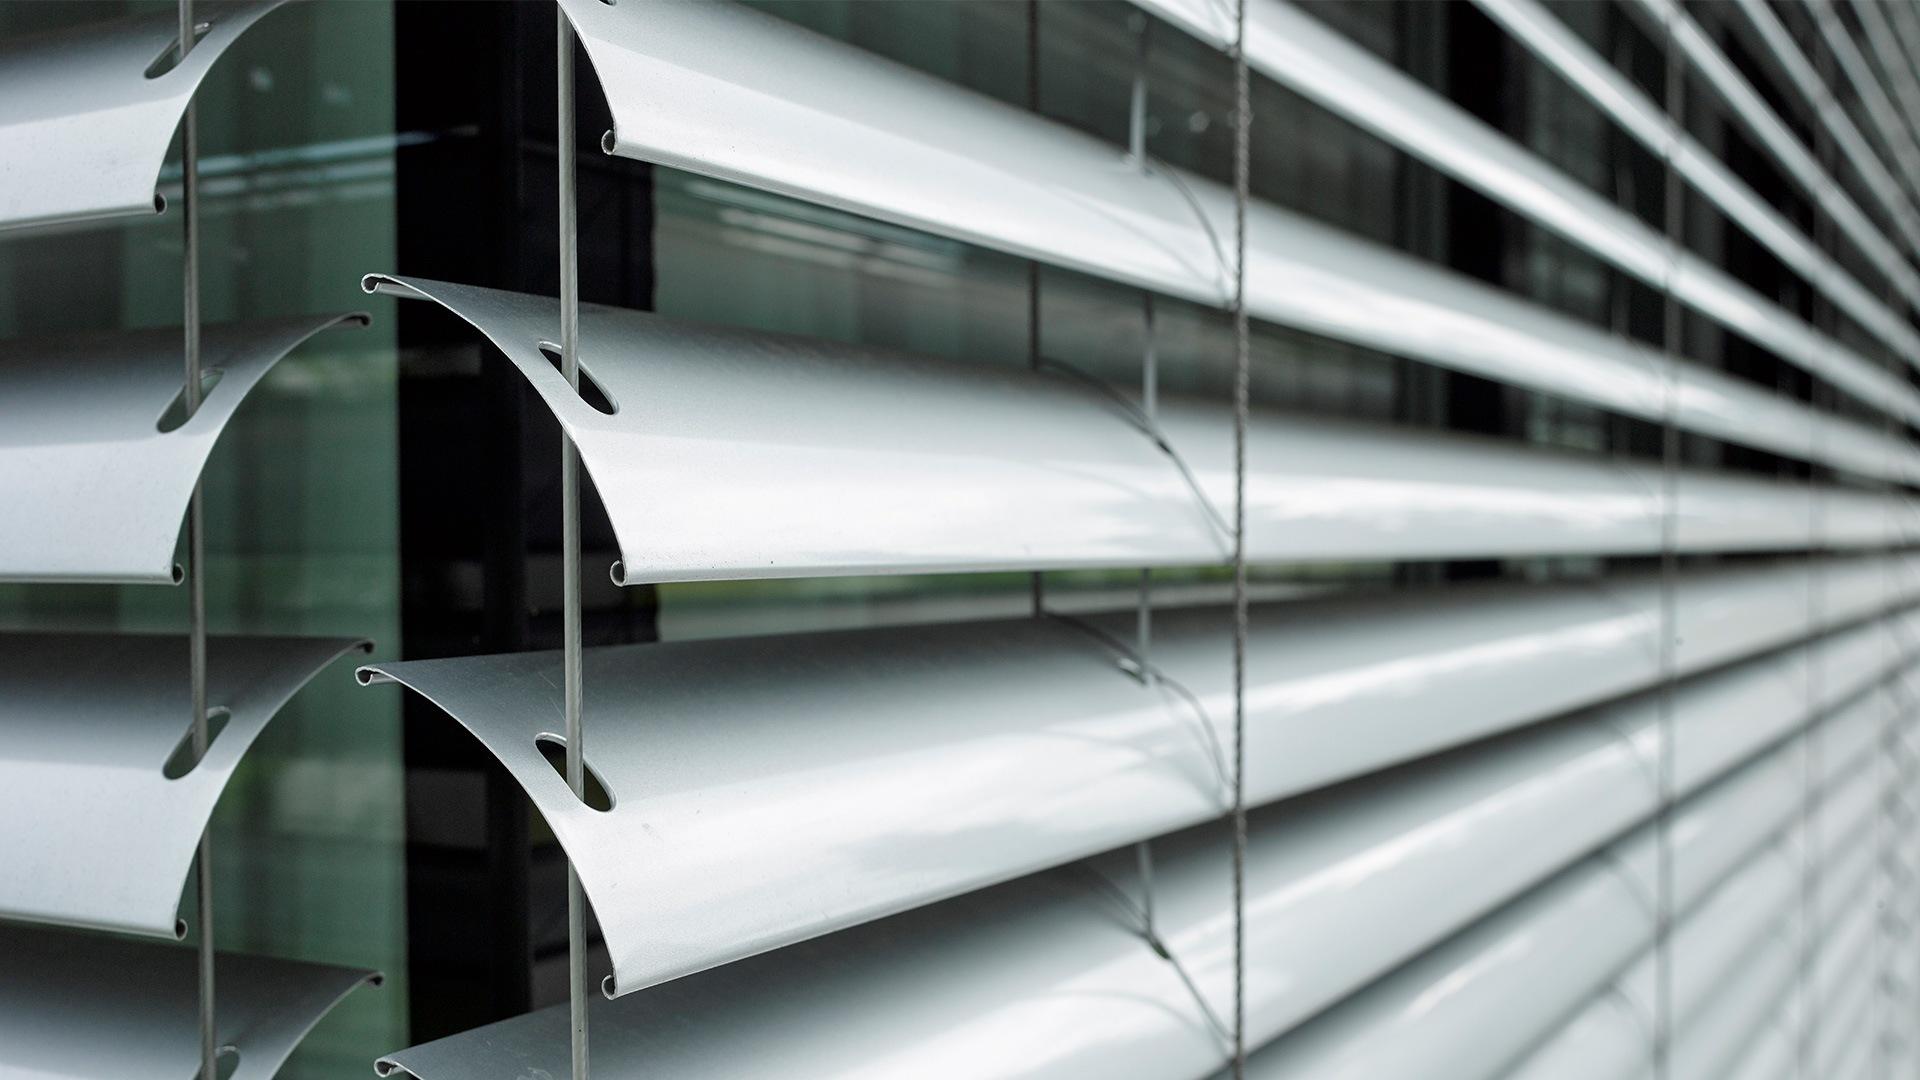 zanker raffstore 03 - Sonnenschutz für Firmengebäude